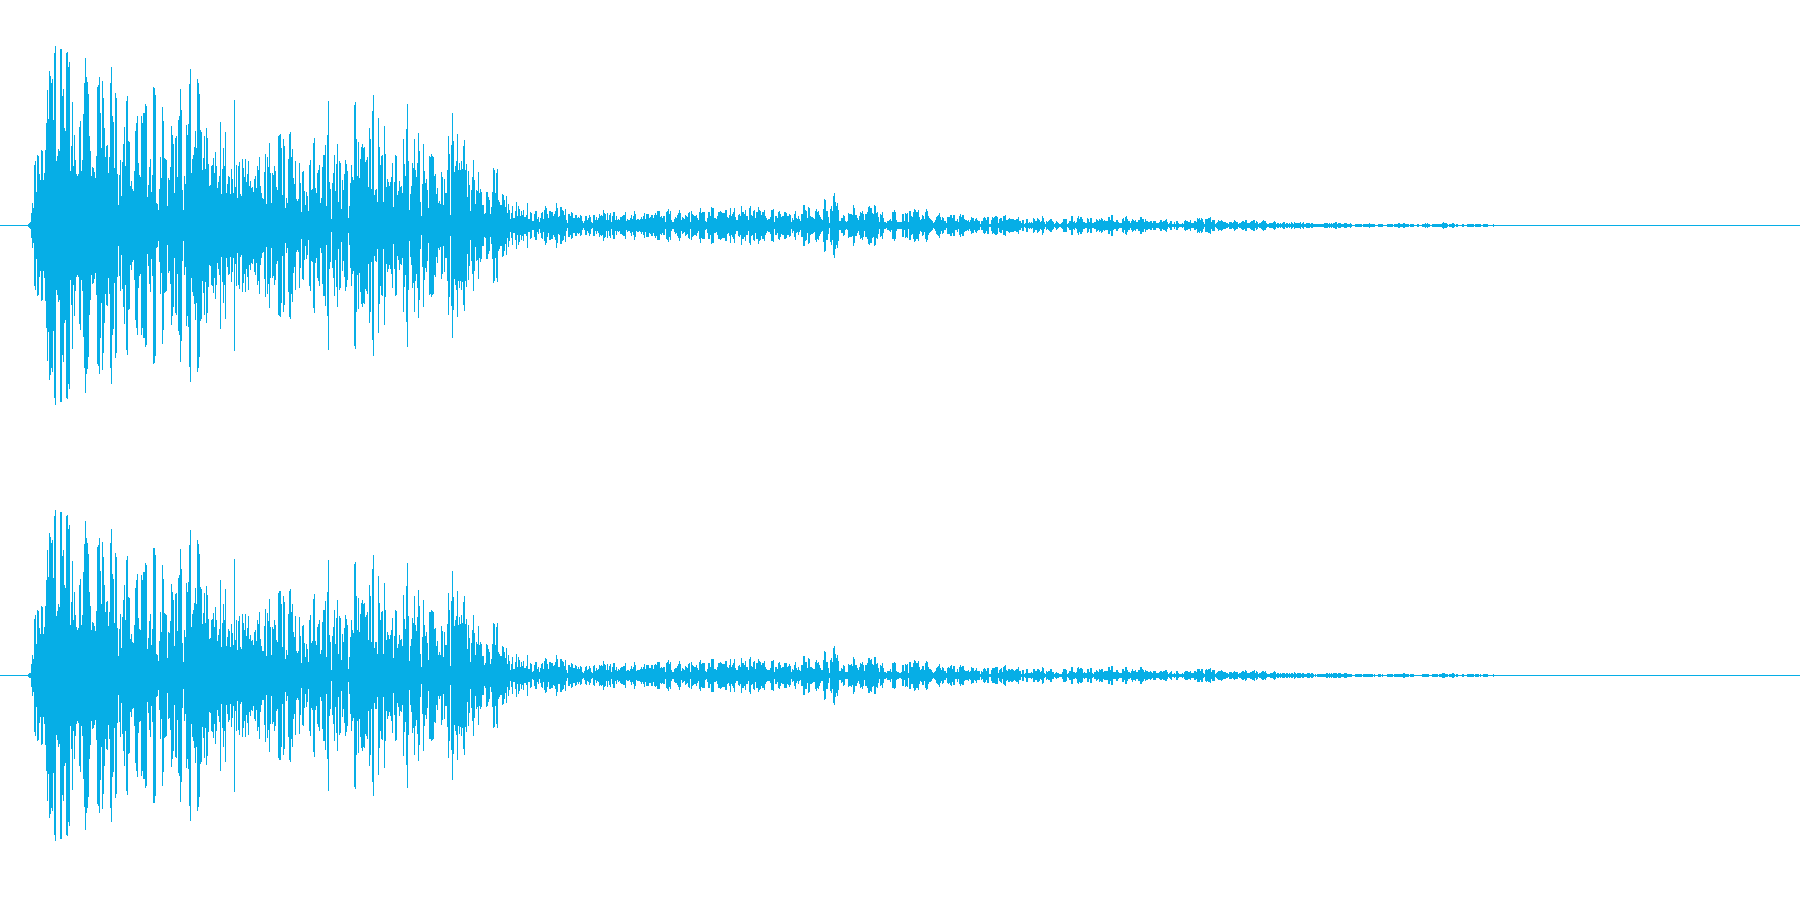 パワワワ(決定音、登場音)の再生済みの波形